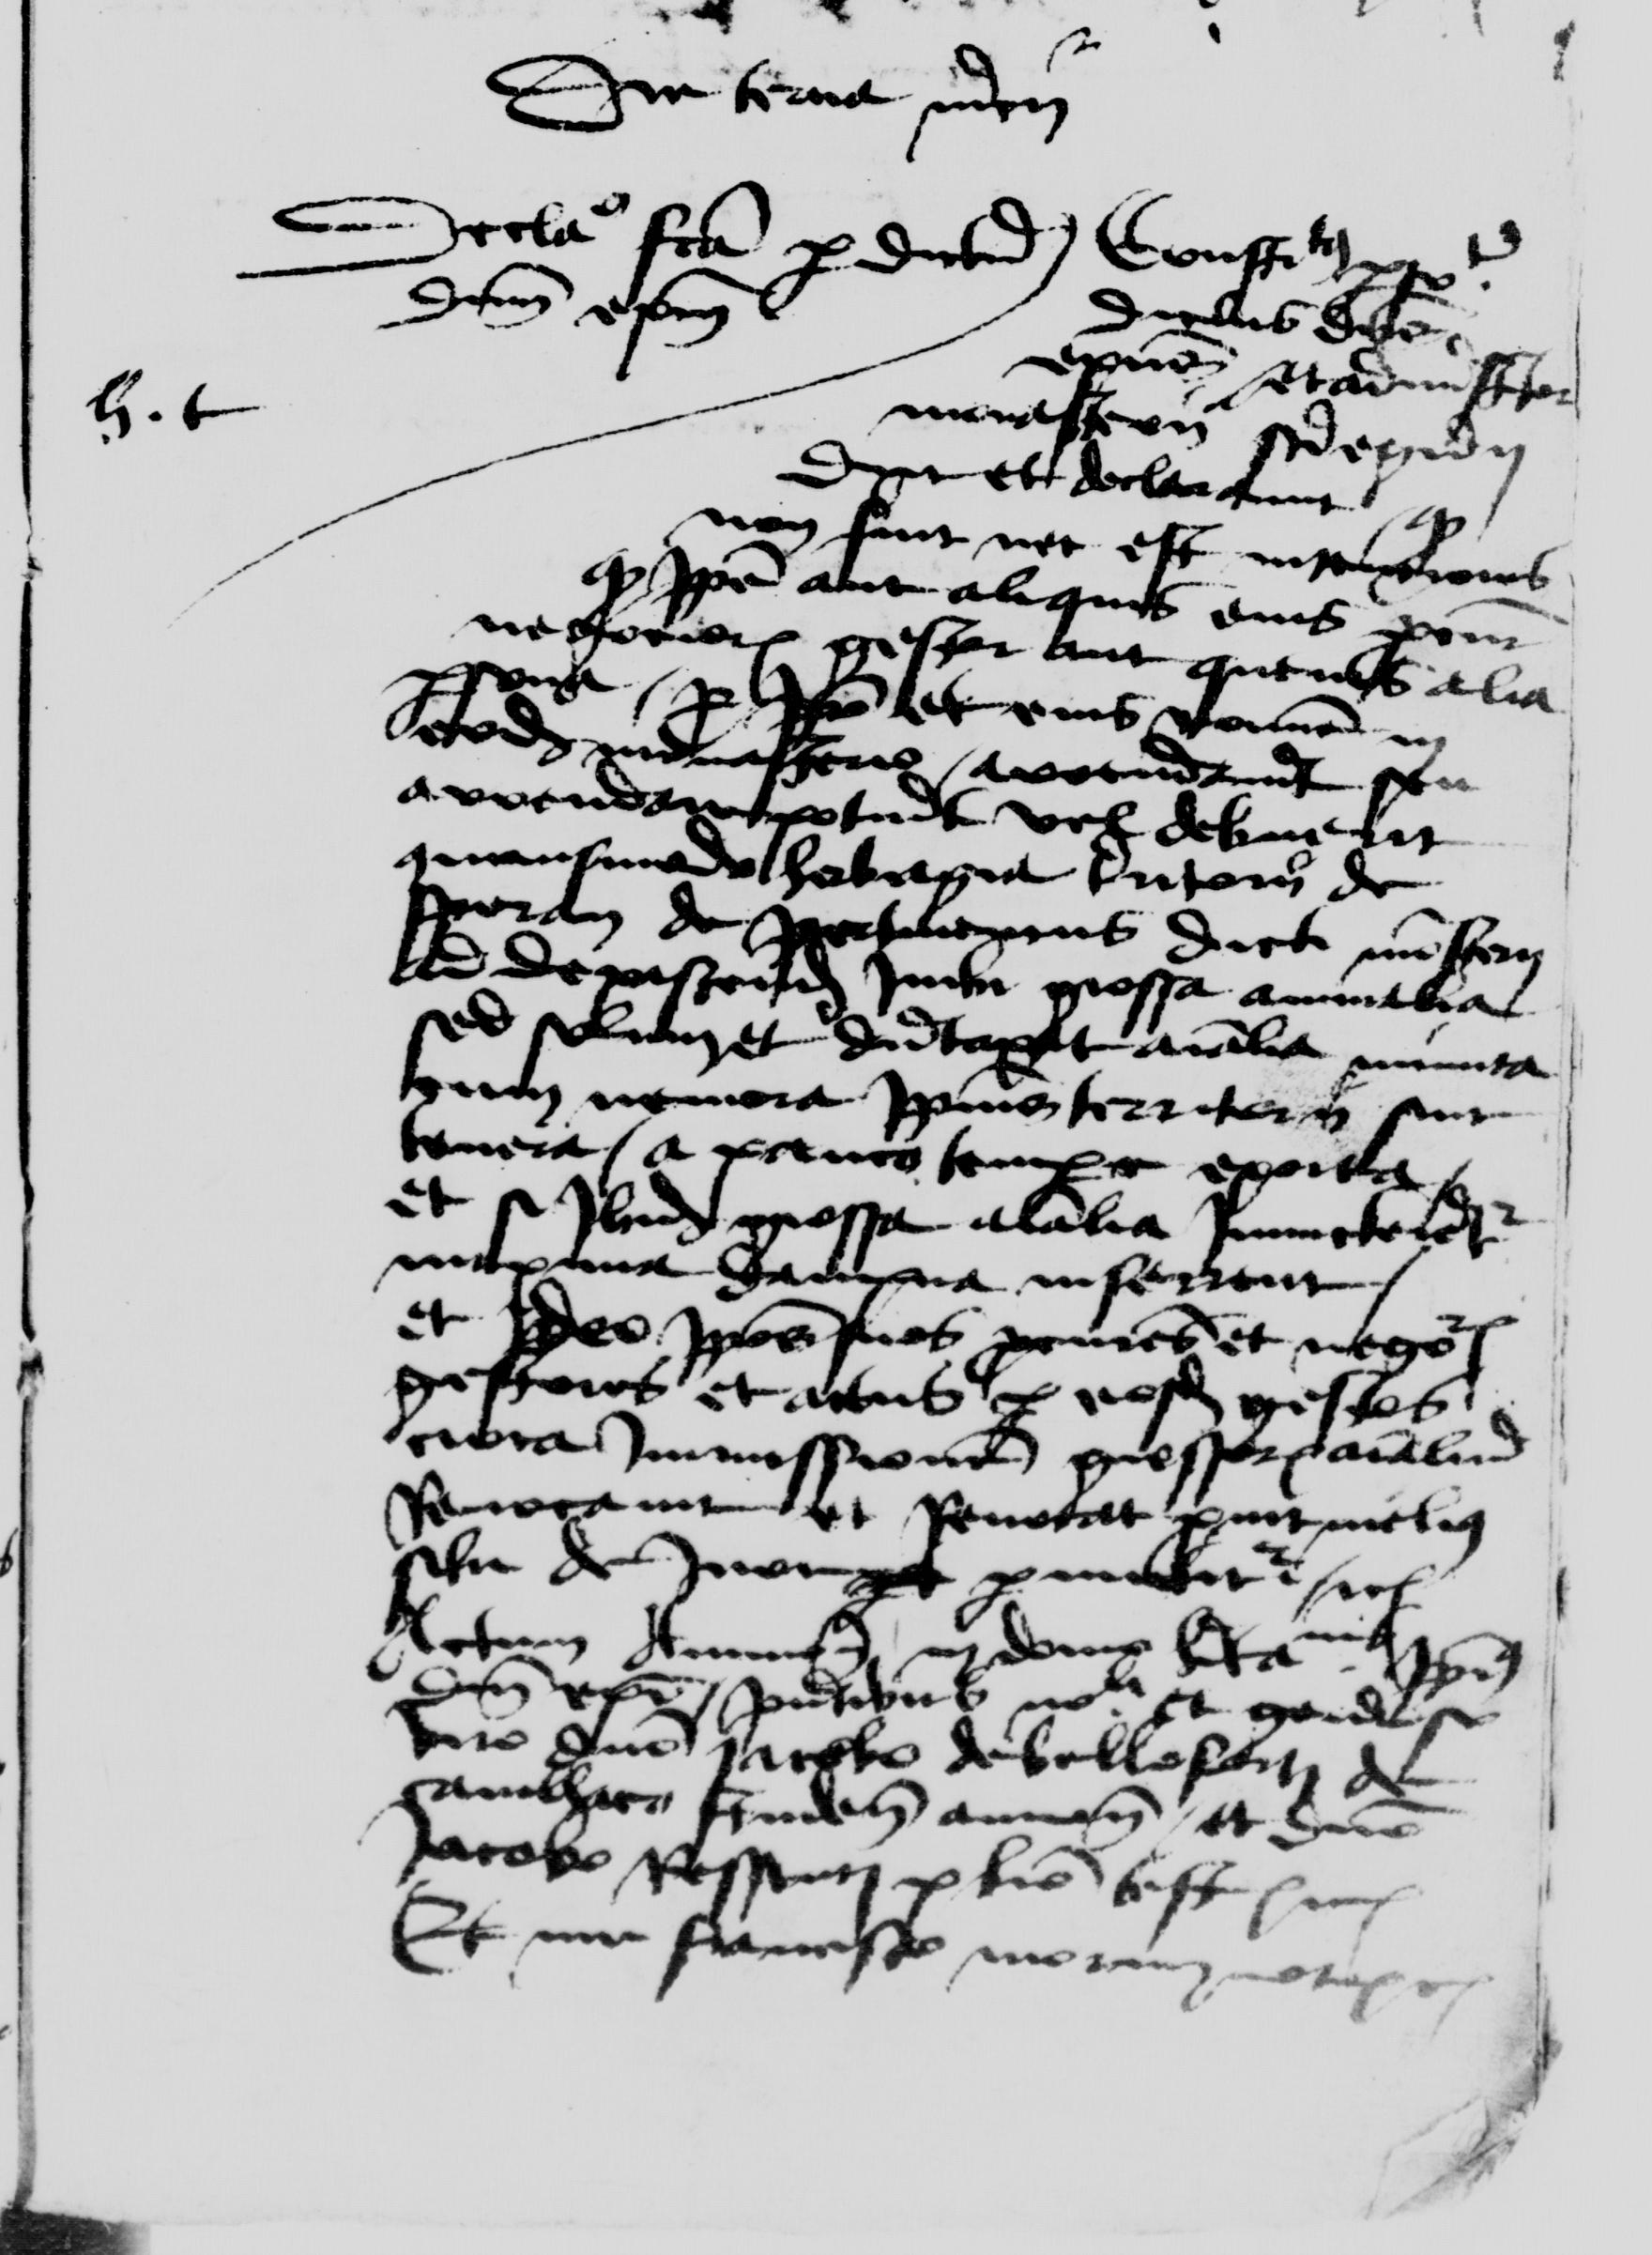 Avignon, Arch. dép. Vaucluse, 3 E 5 994 (fol. 35r, bas)